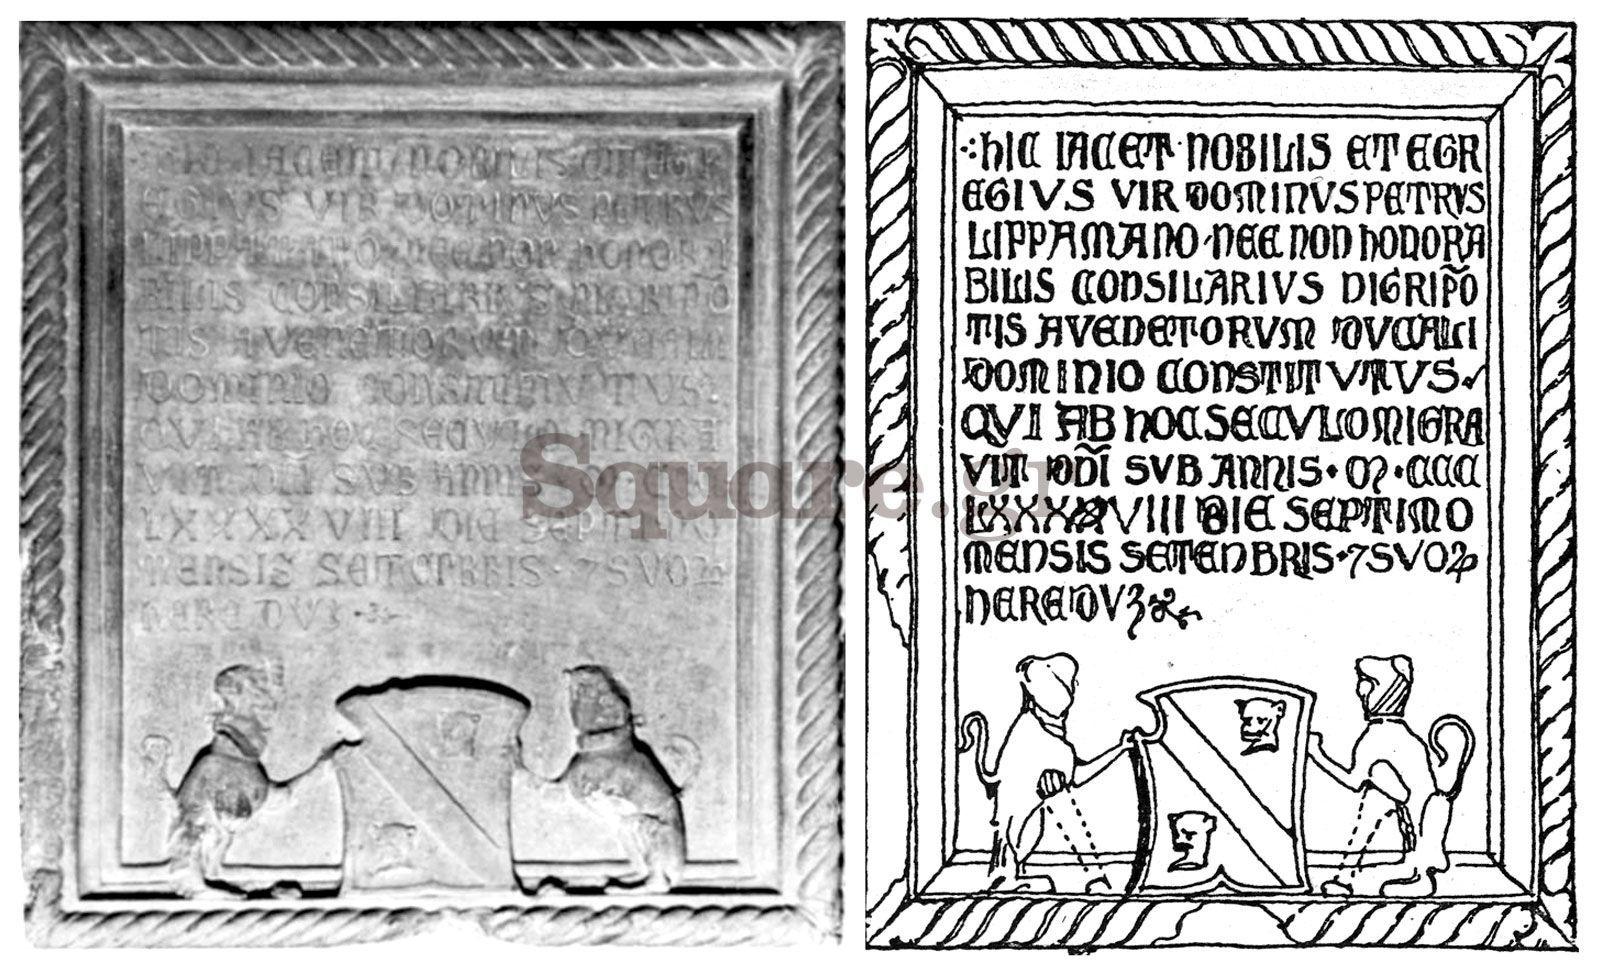 Tafos-enetou-evgeni-stin-agia-paraskevi-Chalkida-mystery-2